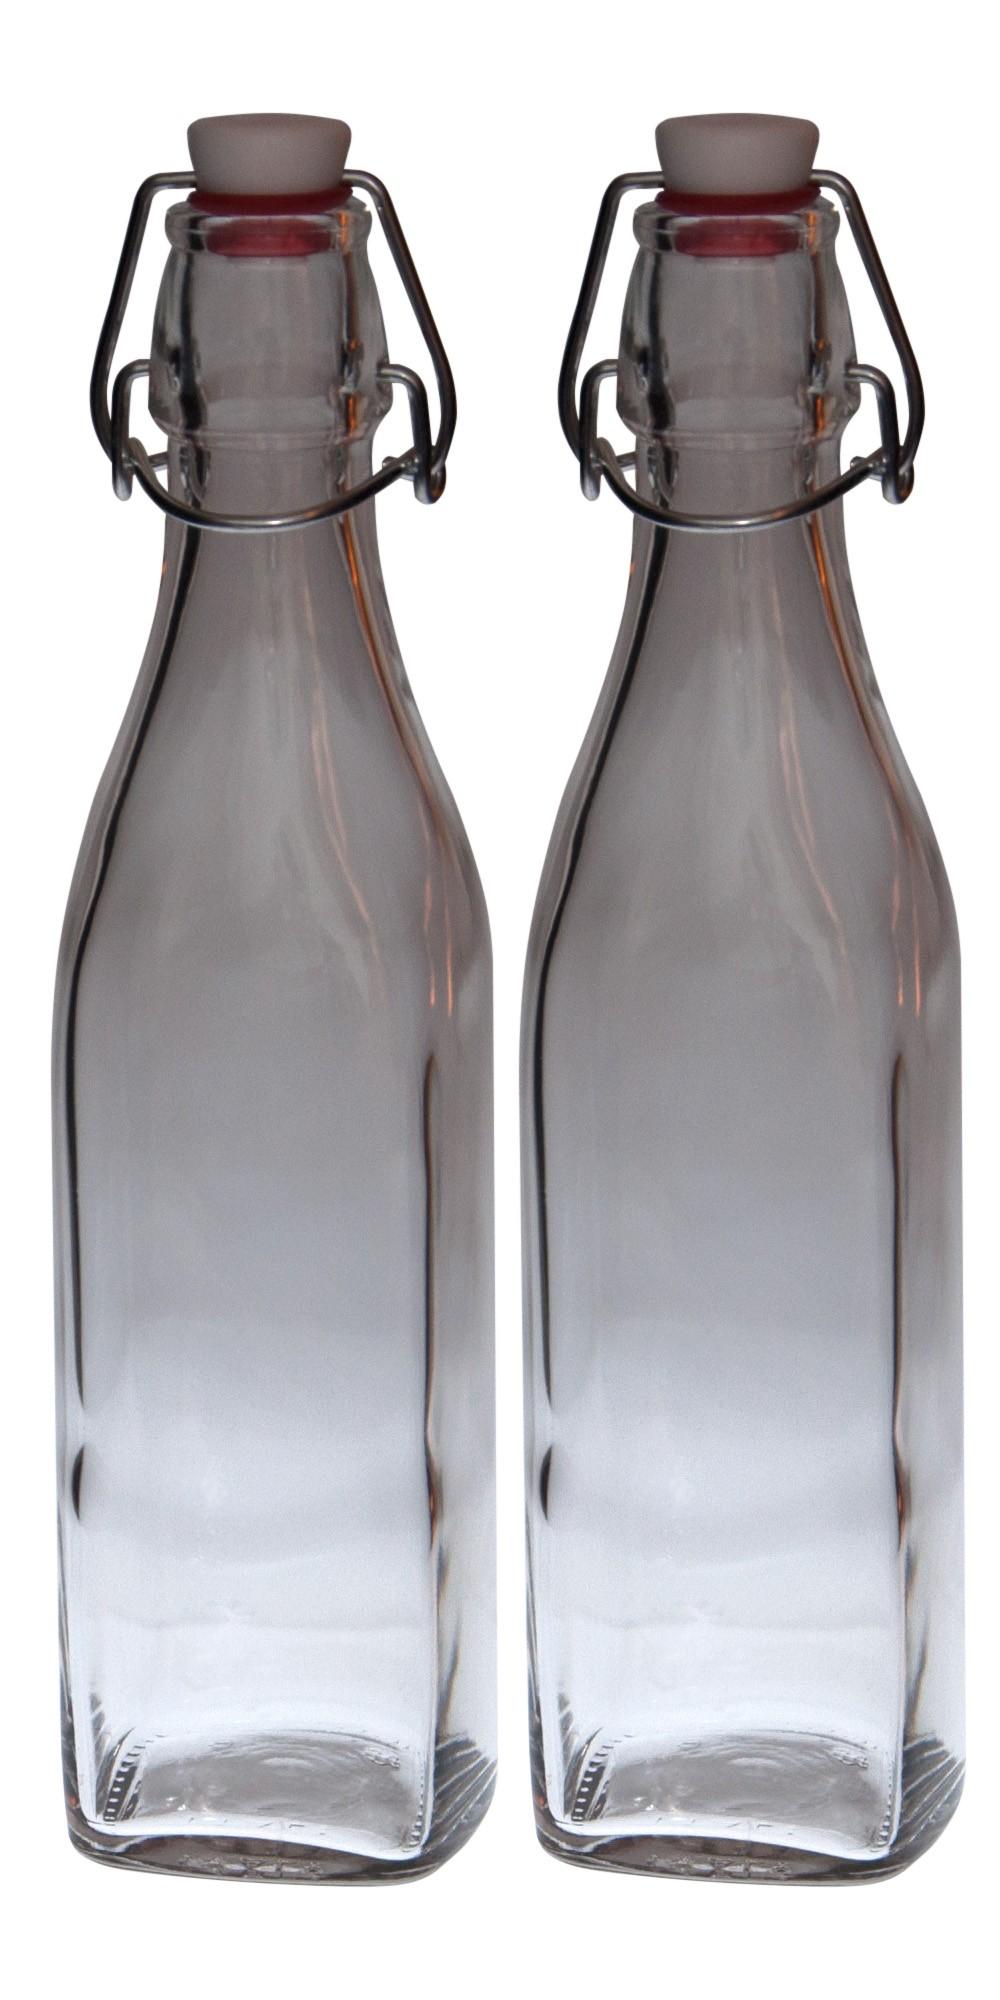 2er set glasflaschen serie swing mit b gelverschluss 0 50 liter glas flaschen. Black Bedroom Furniture Sets. Home Design Ideas